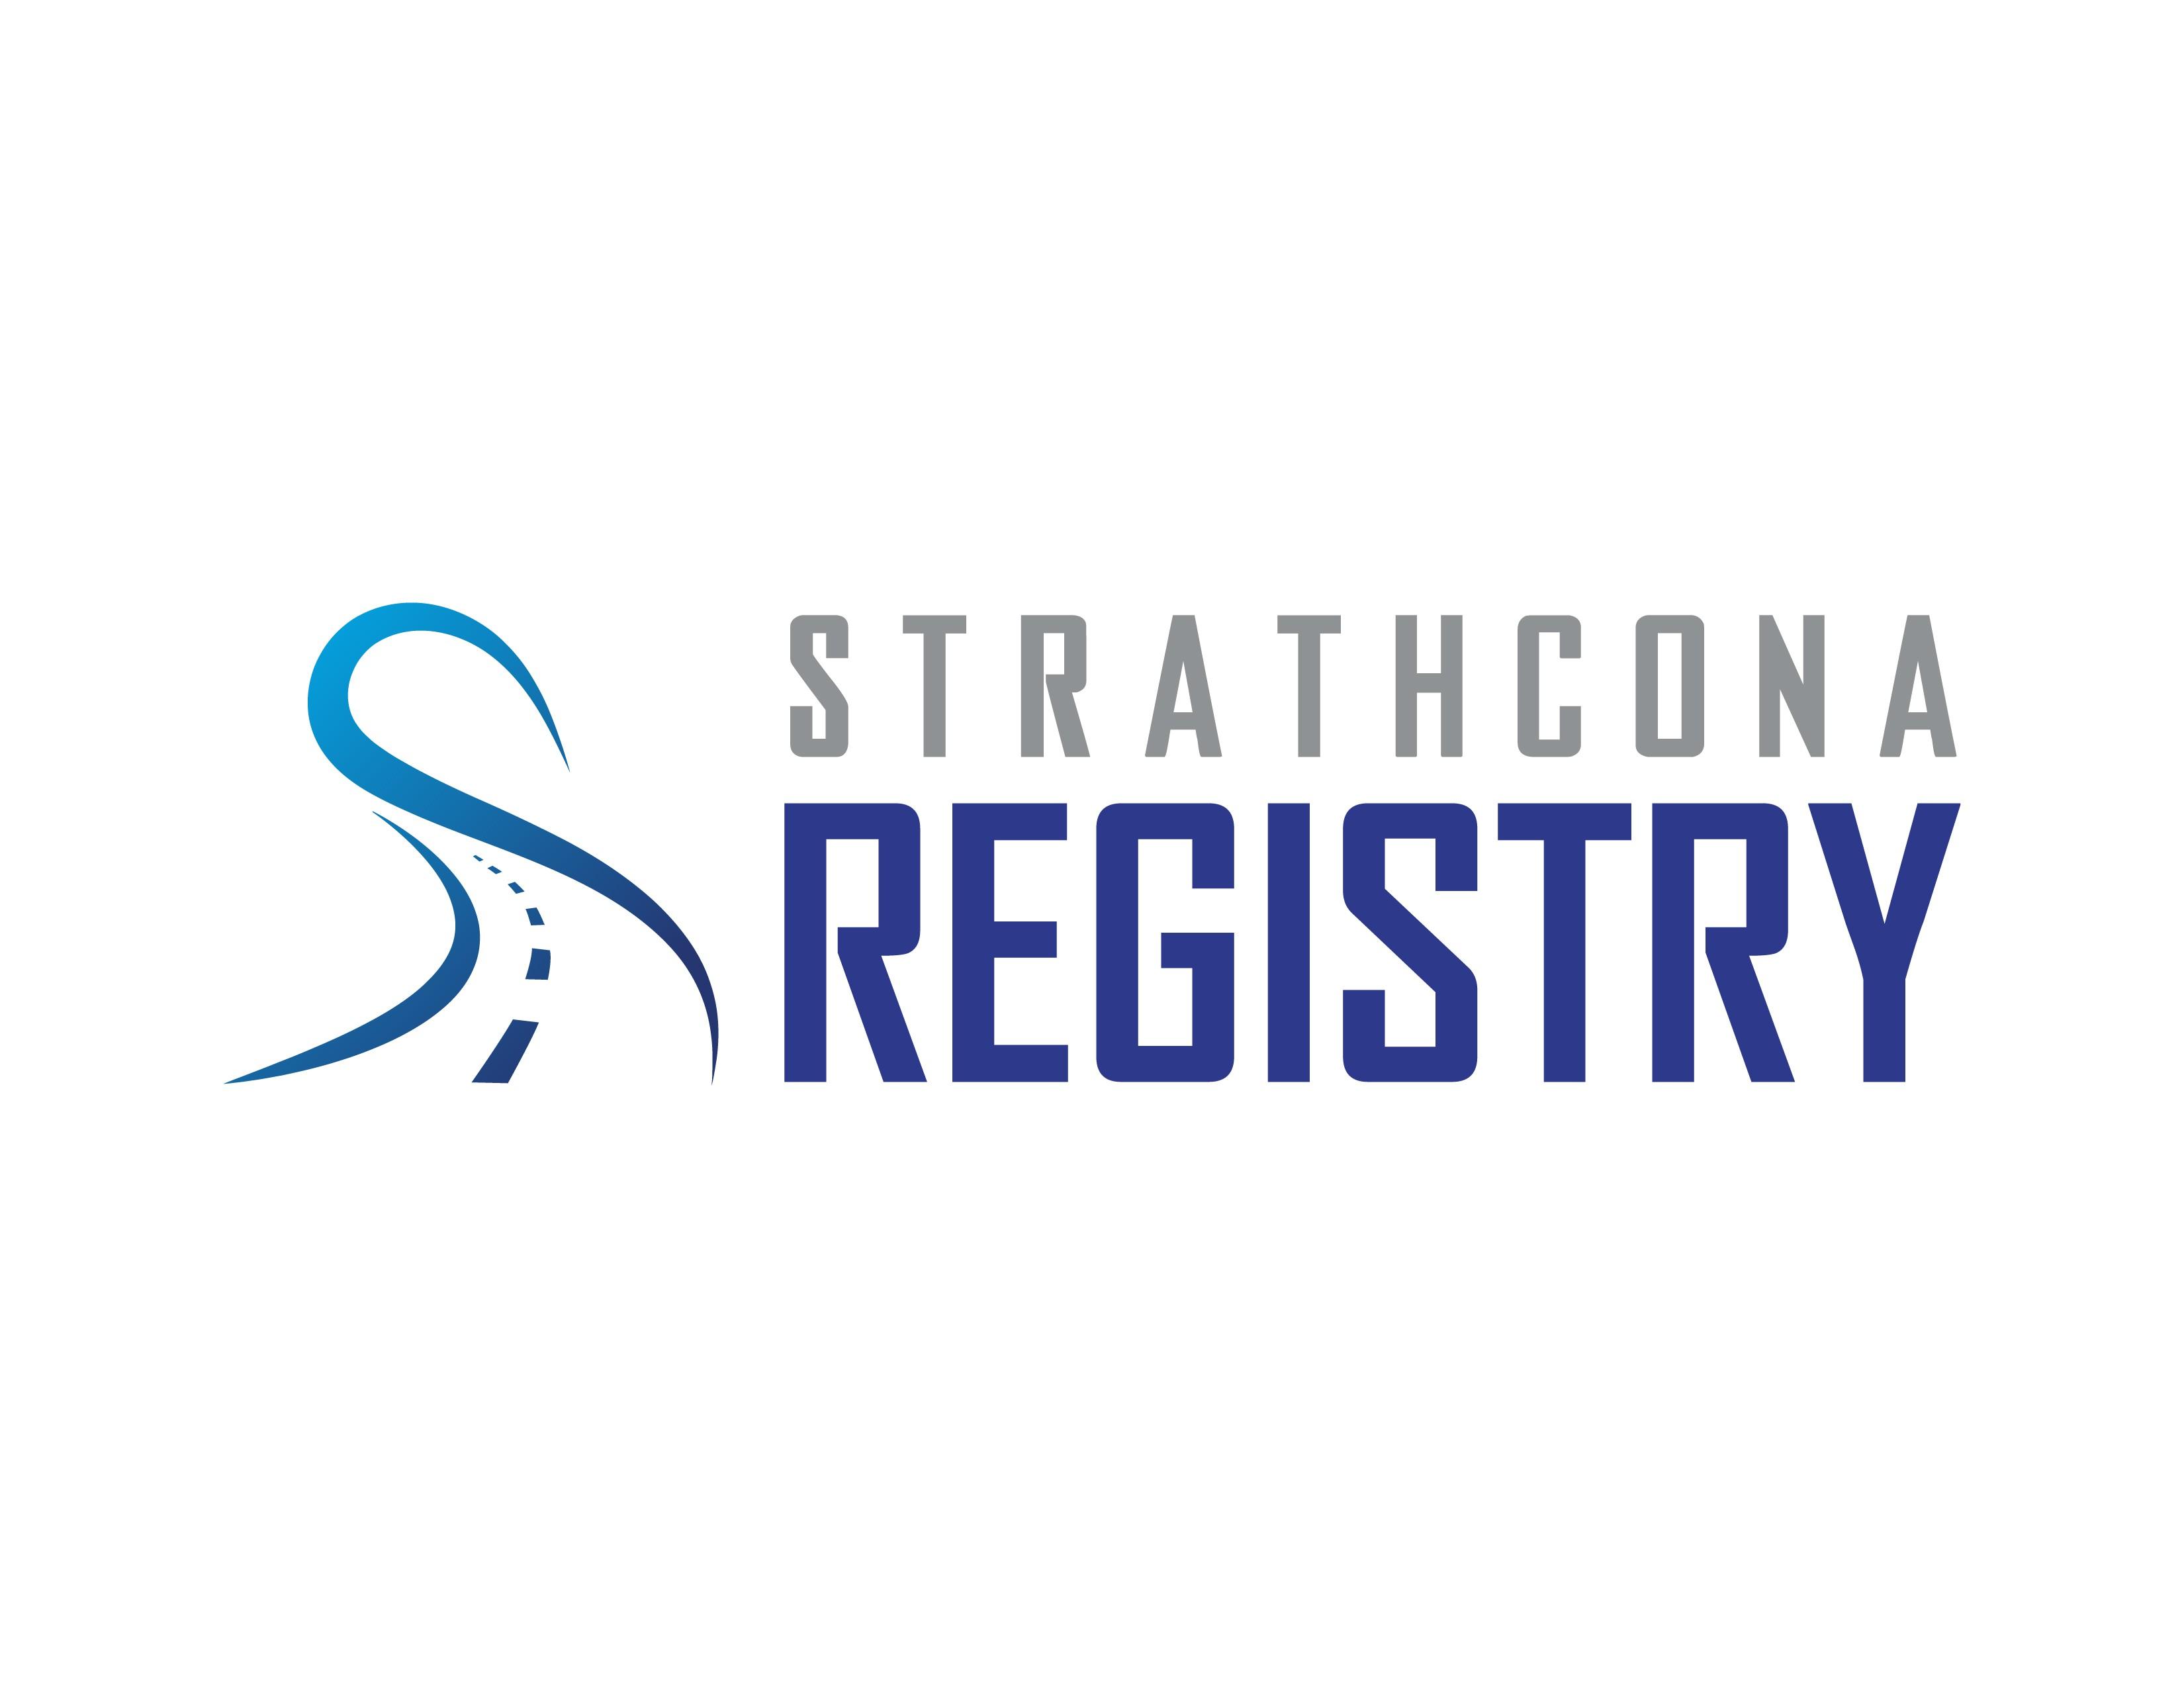 Strathcona Registry Logo